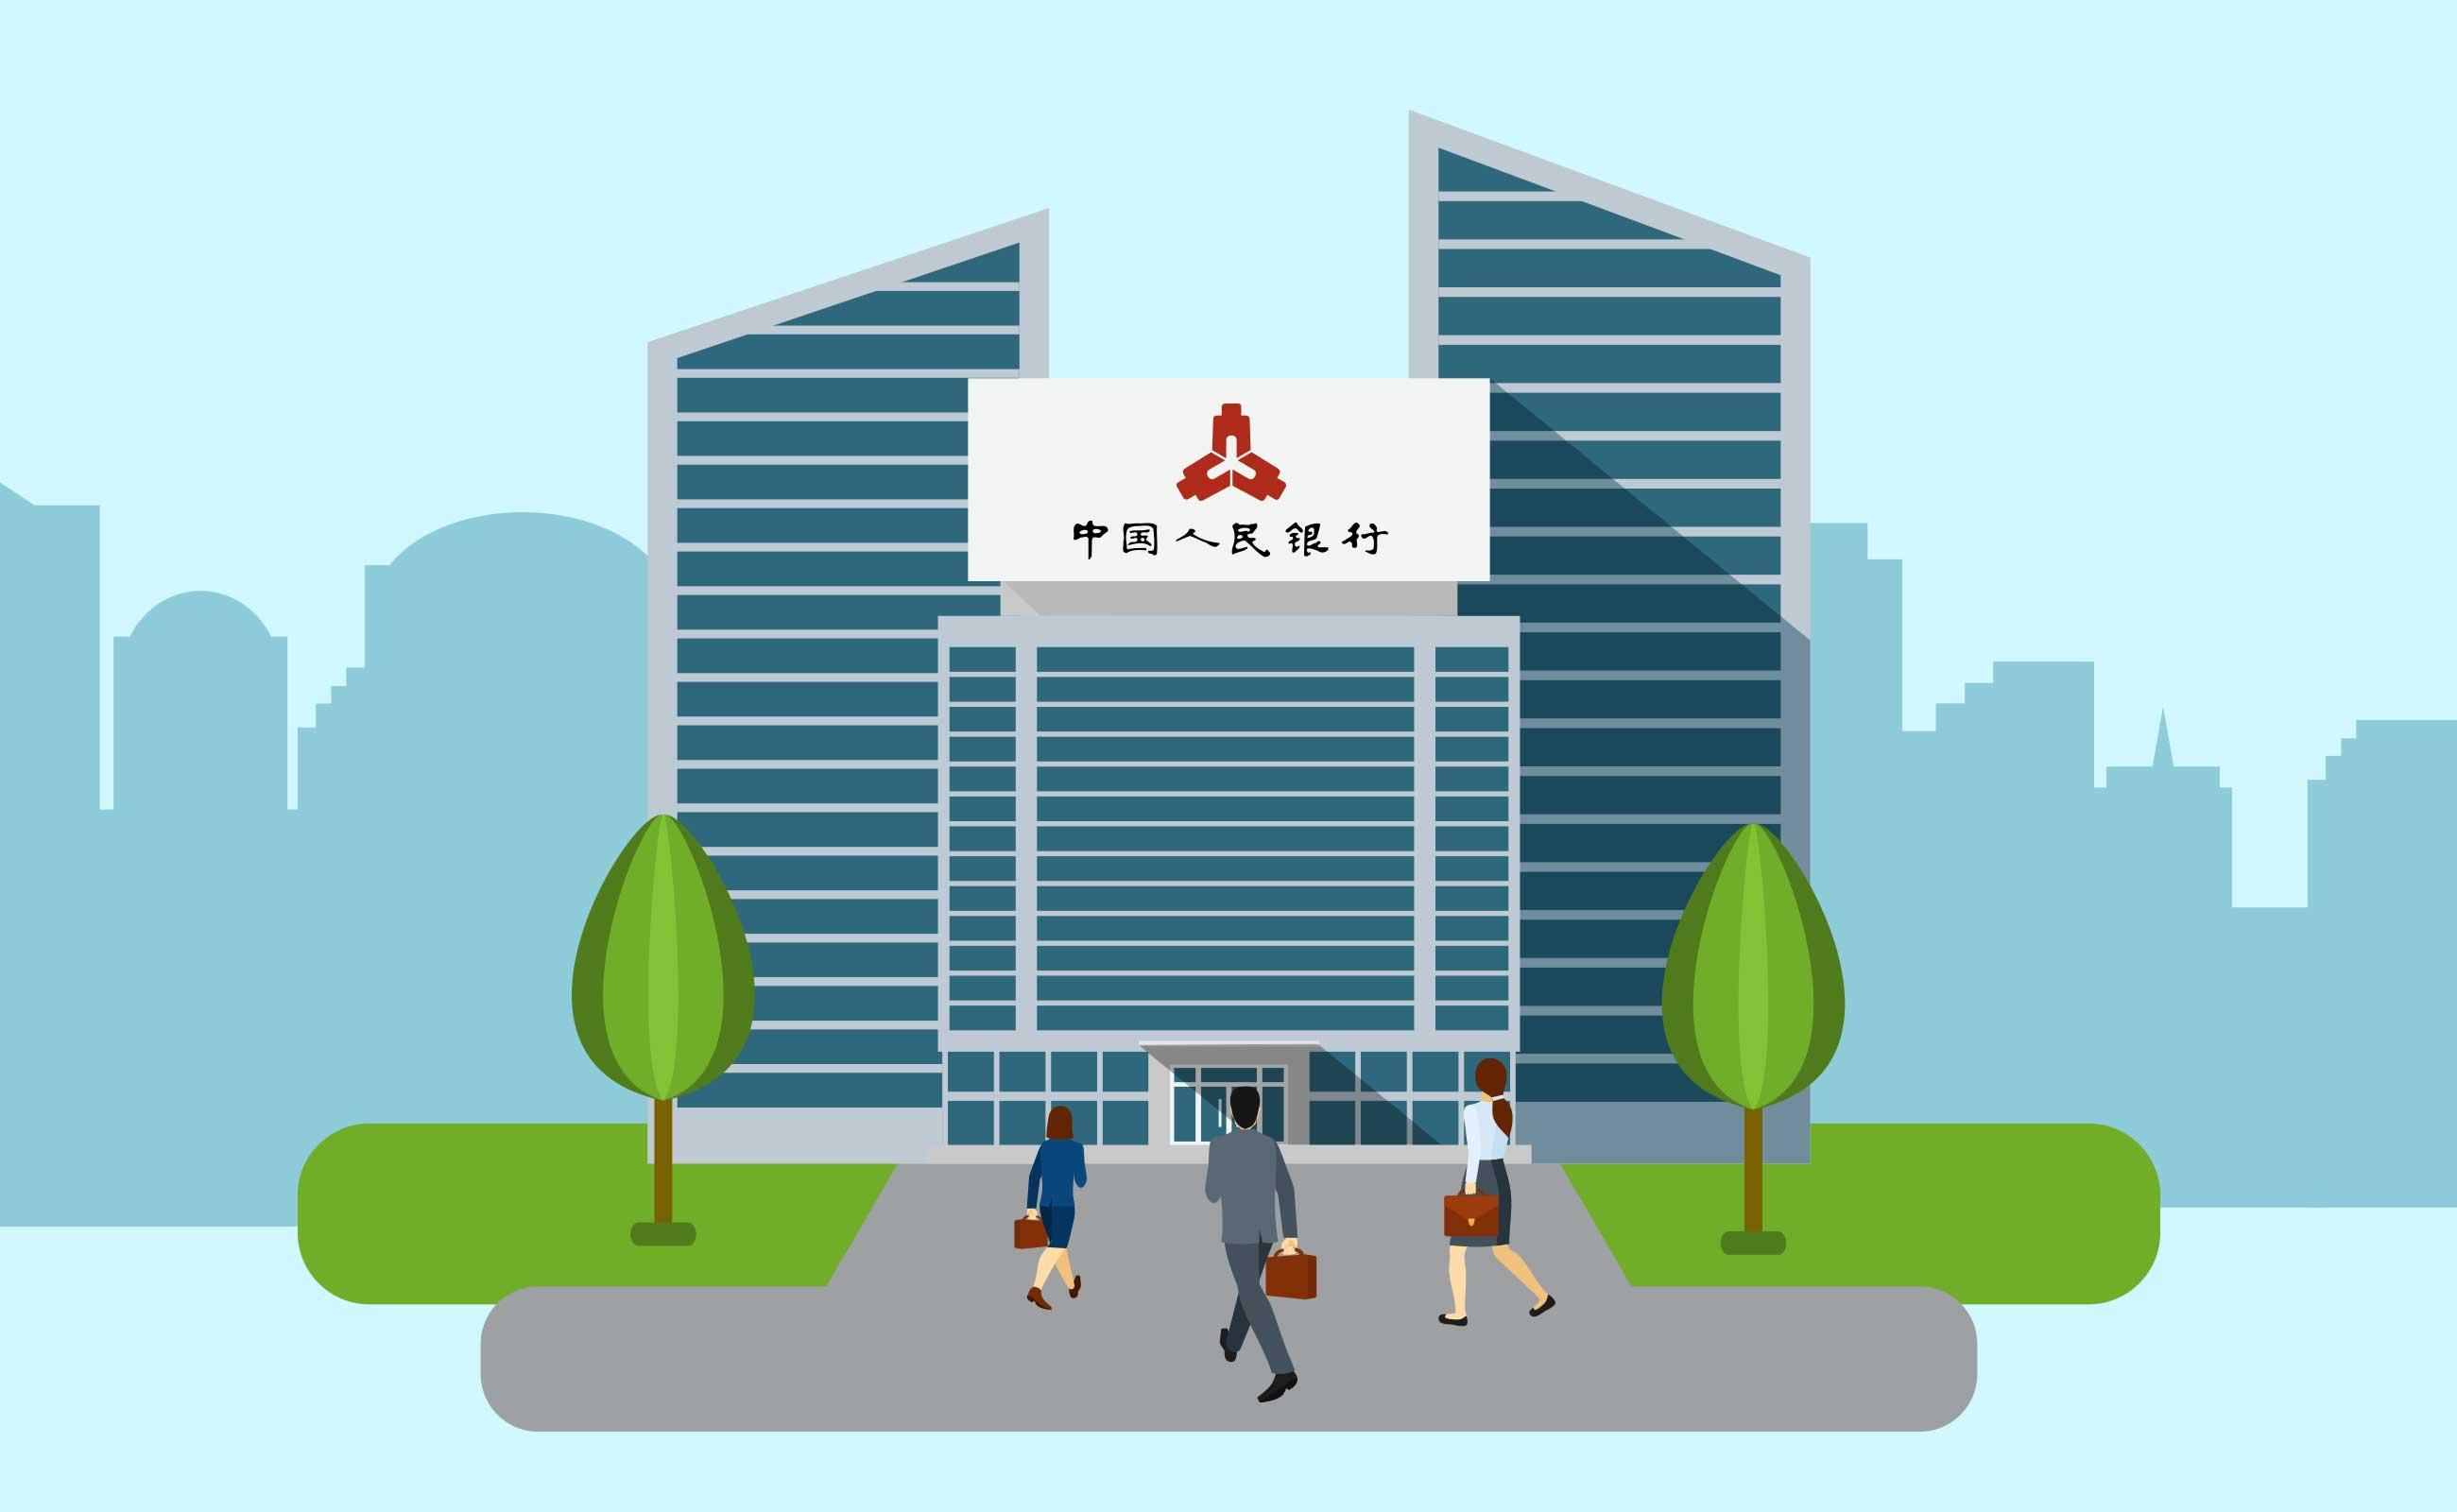 中国人民银行发布关于试点开展金融债券弹性招标发行的通知